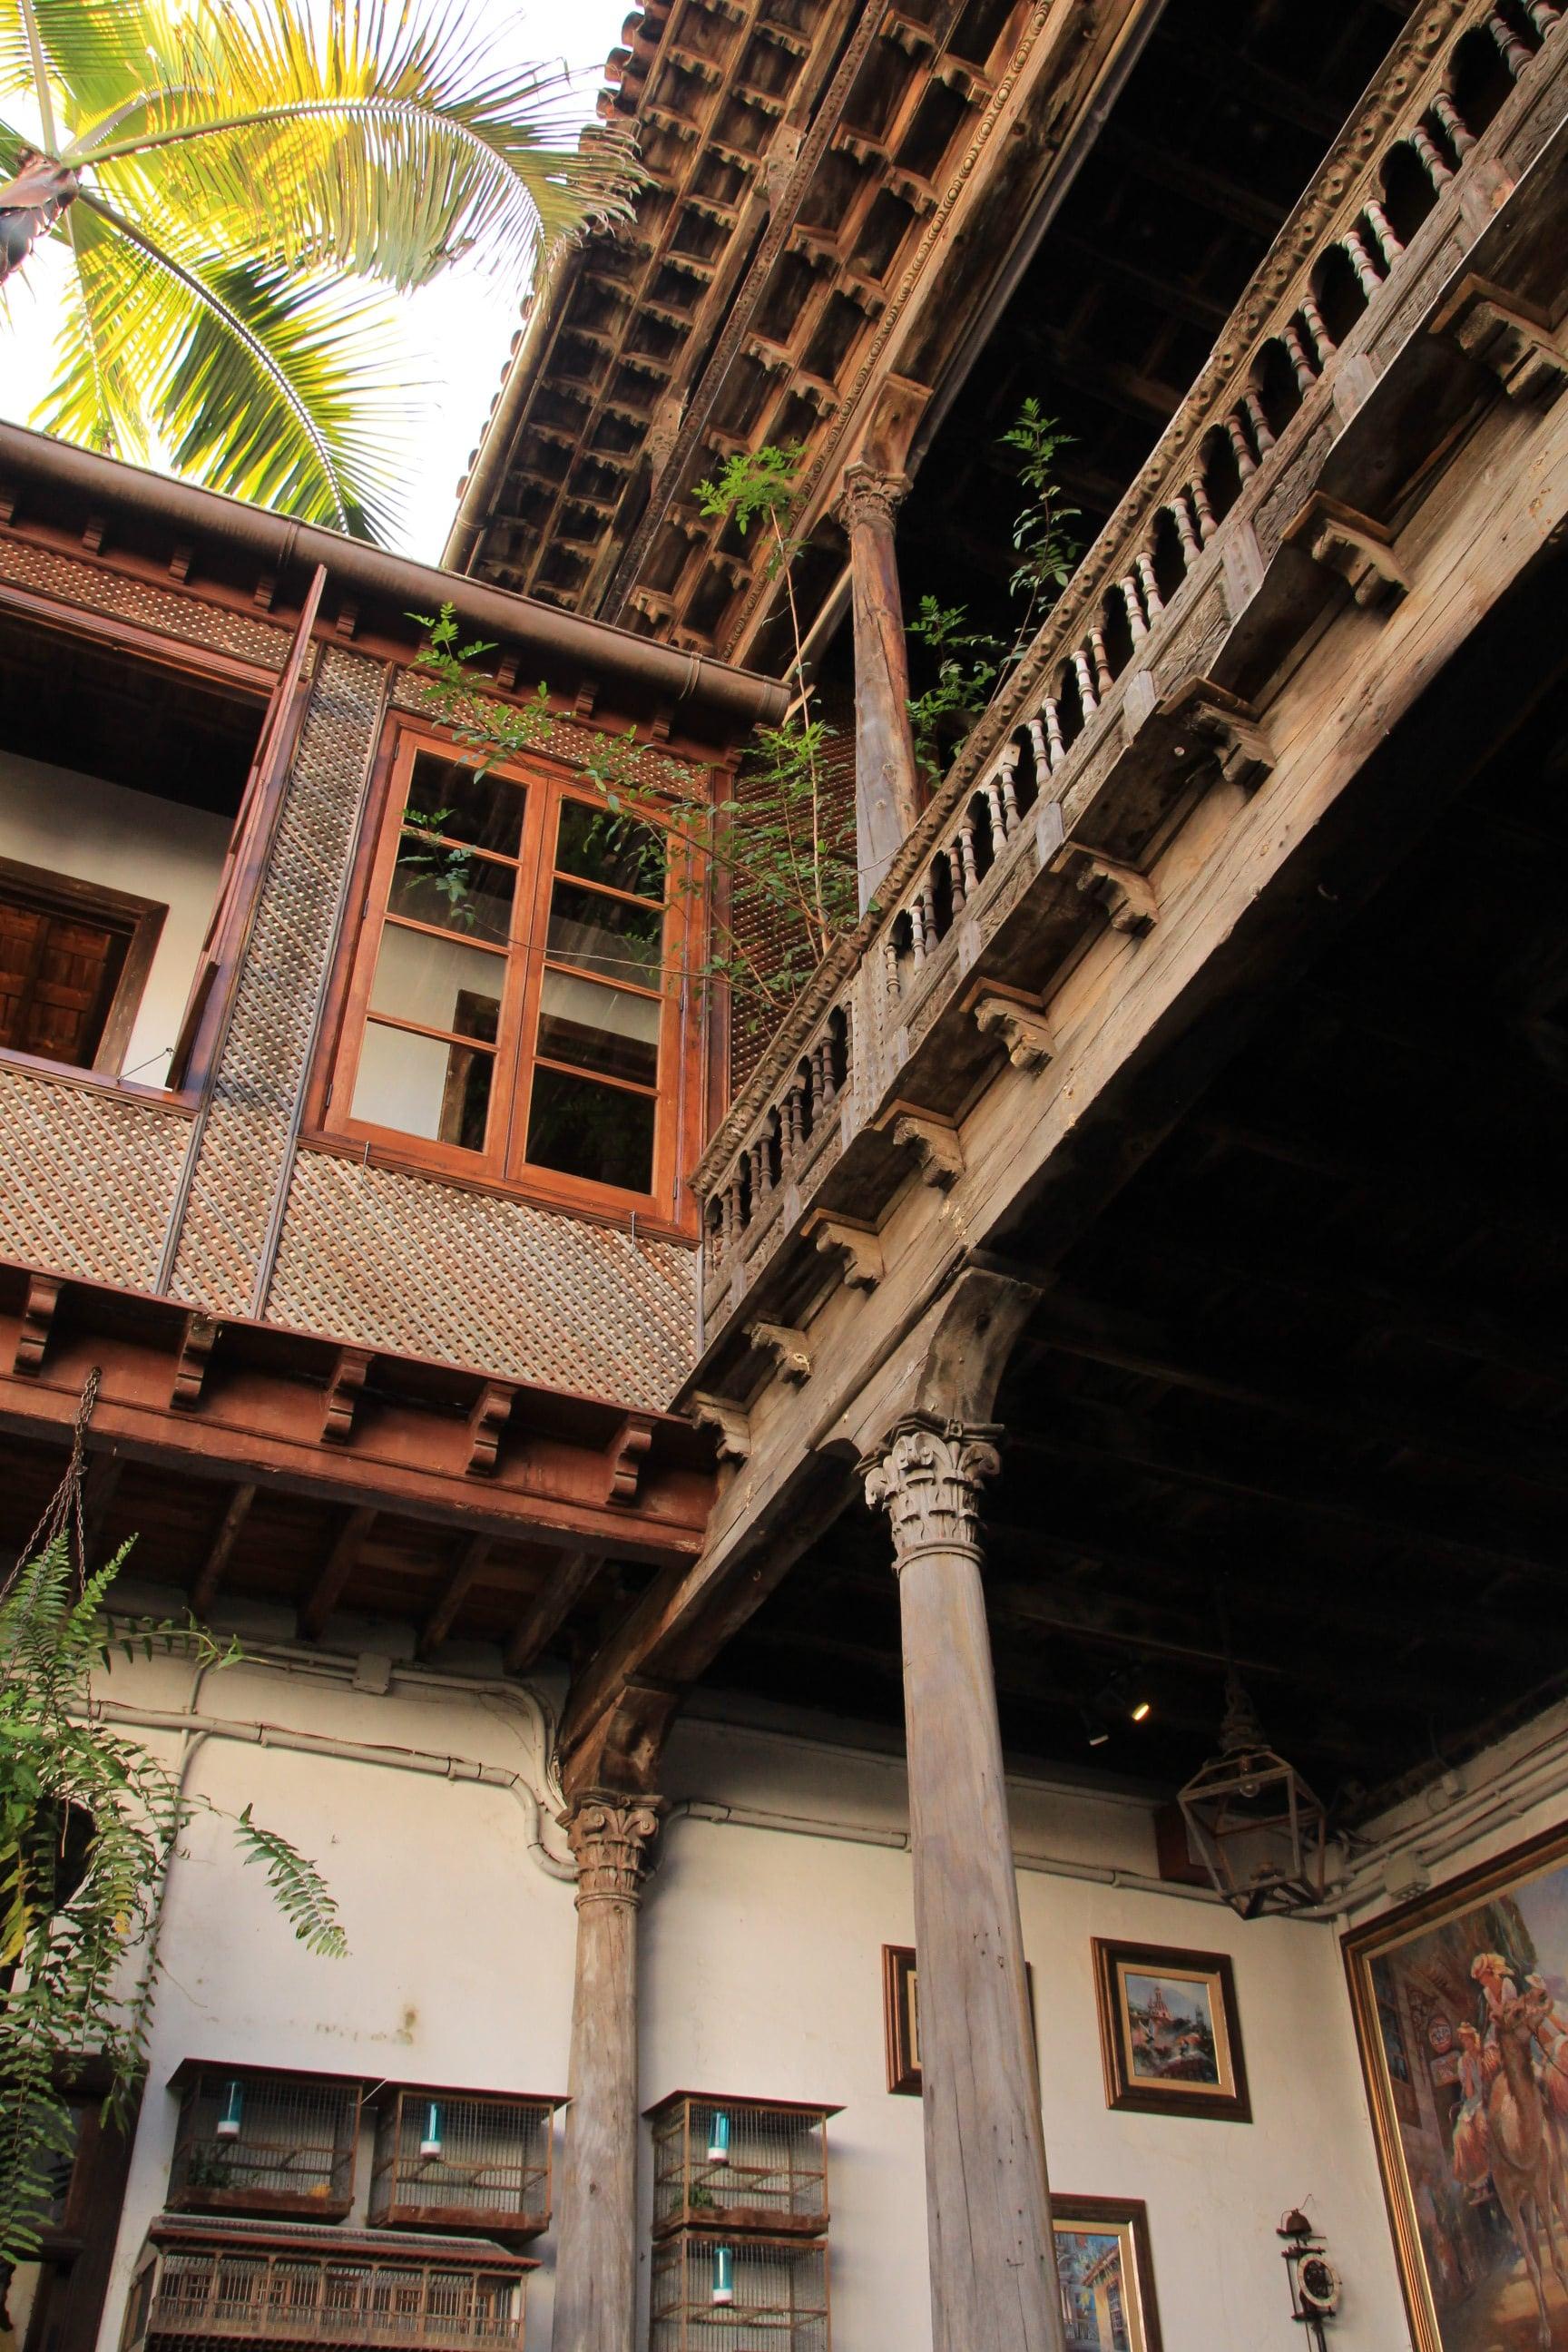 La Orotava Casa de los Balcones 2